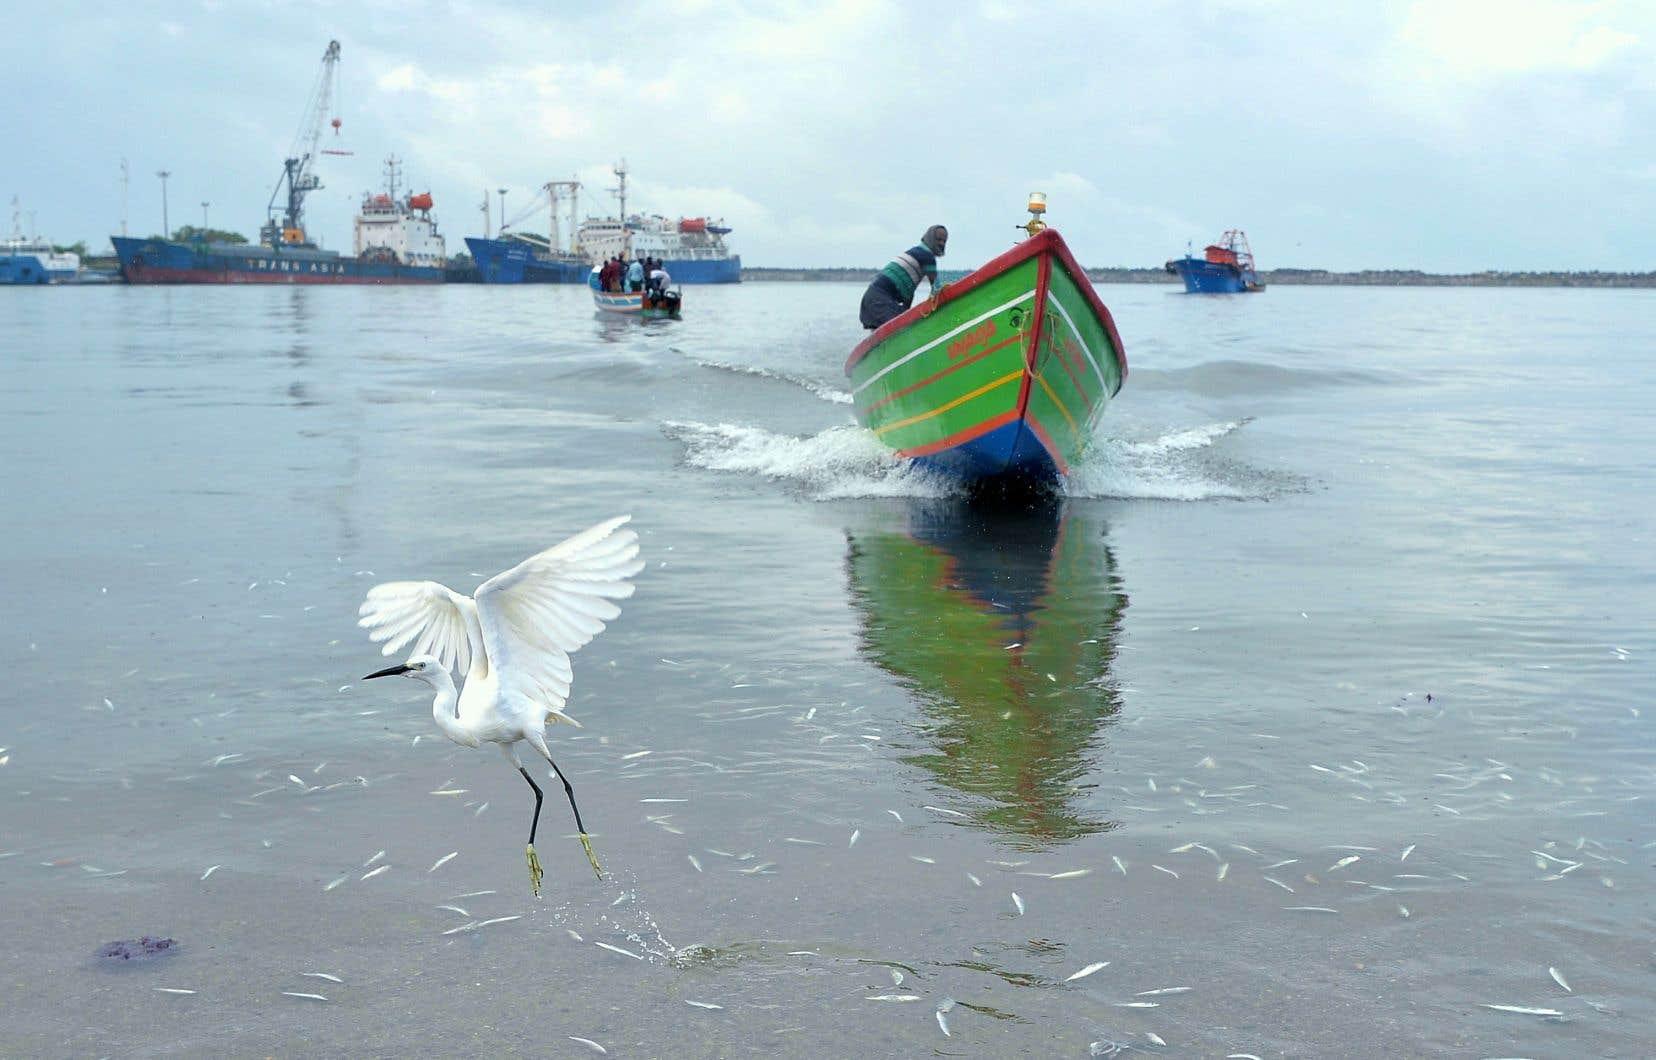 Des centaines de pêcheurs indiens sont acclamés ces derniers jours pour leur héroïsme lors des inondations dans l'État du Kerala, dans le sud-ouest du pays.